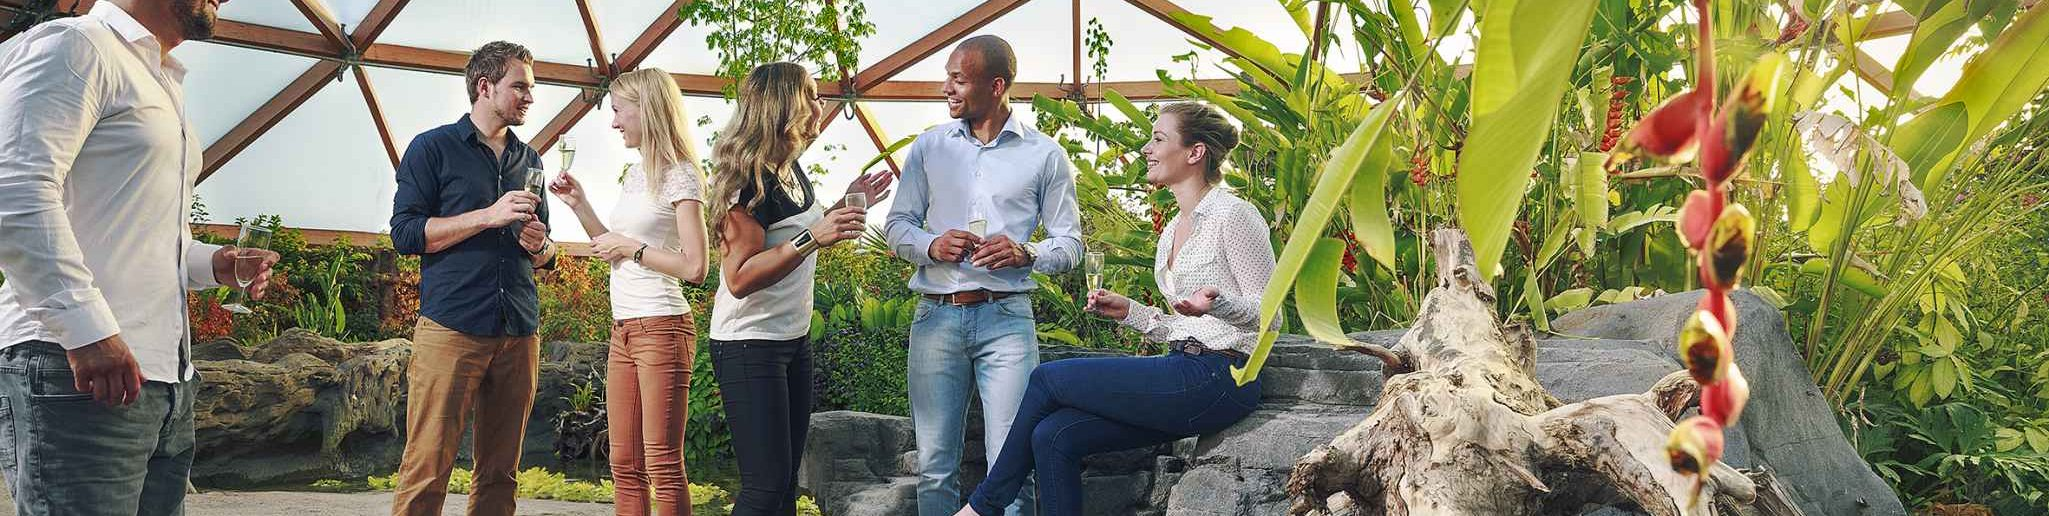 Samen op stap in Rotterdam. Met collega's, relaties, familie of met een groep een inspirerende dag beleven? Diergaarde Blijdorp is een bijzondere locatie voor uw bedrijfsuitje, personeelsuitje, familiedag of -feest, teambuilding, …